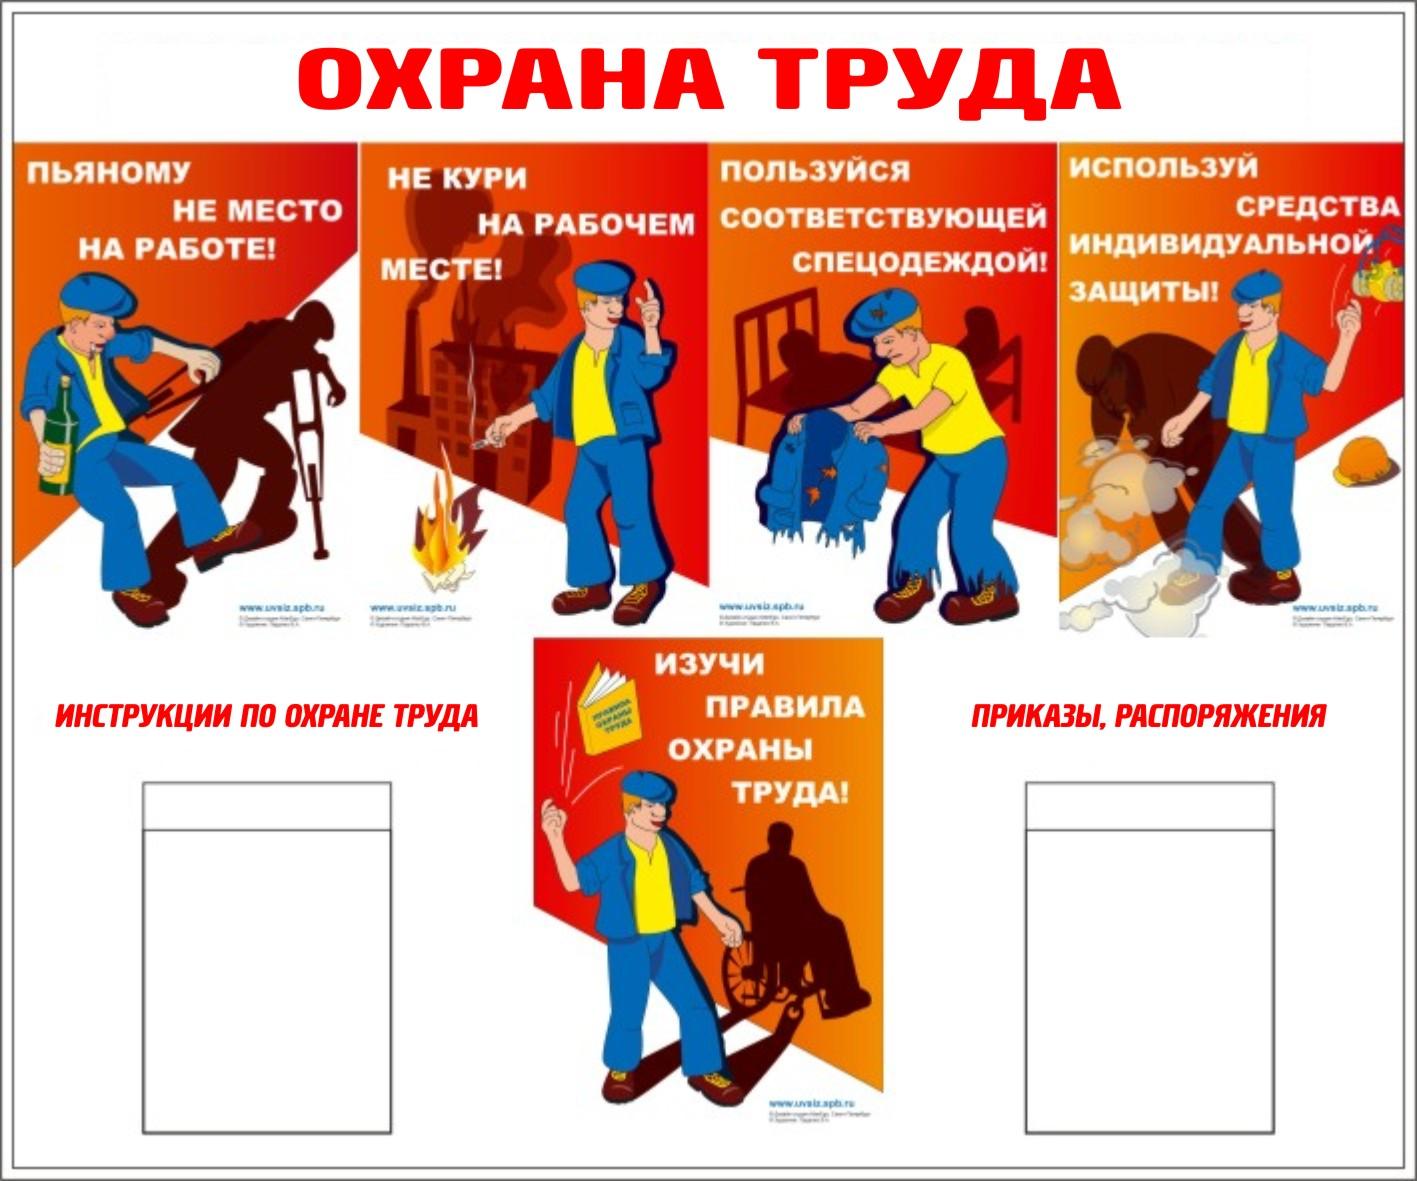 инструкция по охране труда для калькулятора ресторана